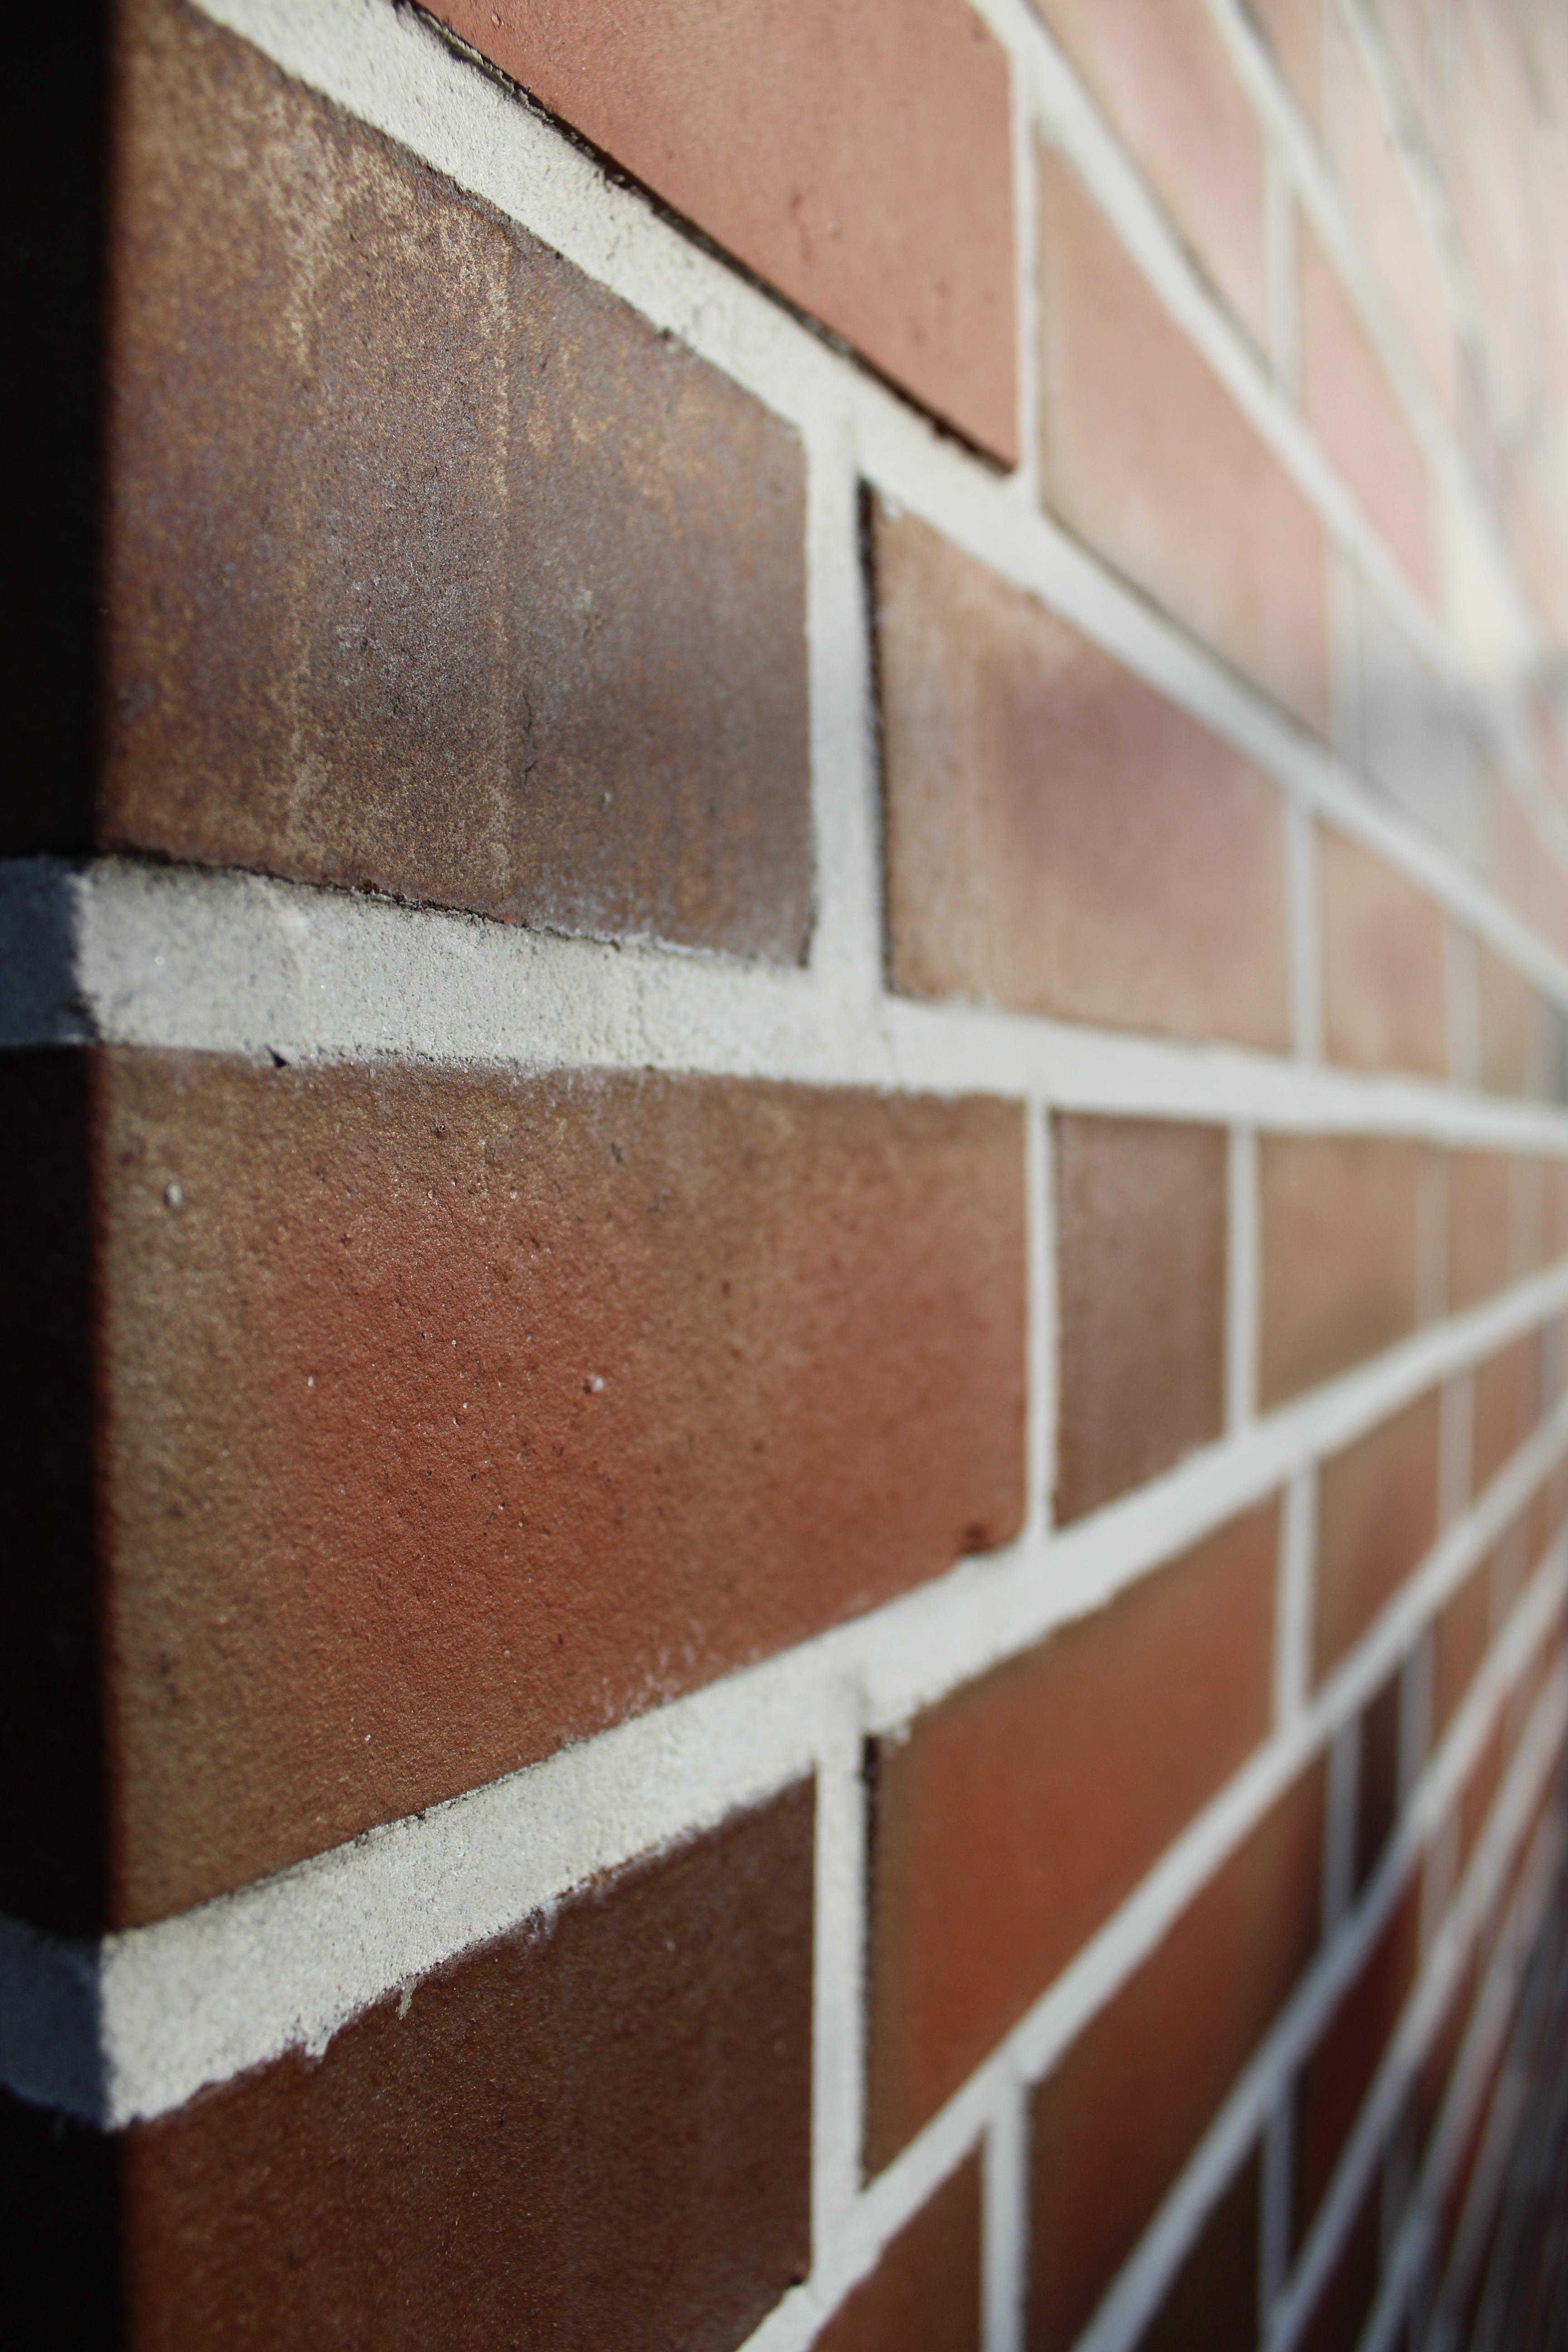 Holz Weiß Textur Stock Mauer Stein Linie Rot Farbe Fliese Ziegel Material  Gestalten Mauerwerk Fluchtpunkt Fugen